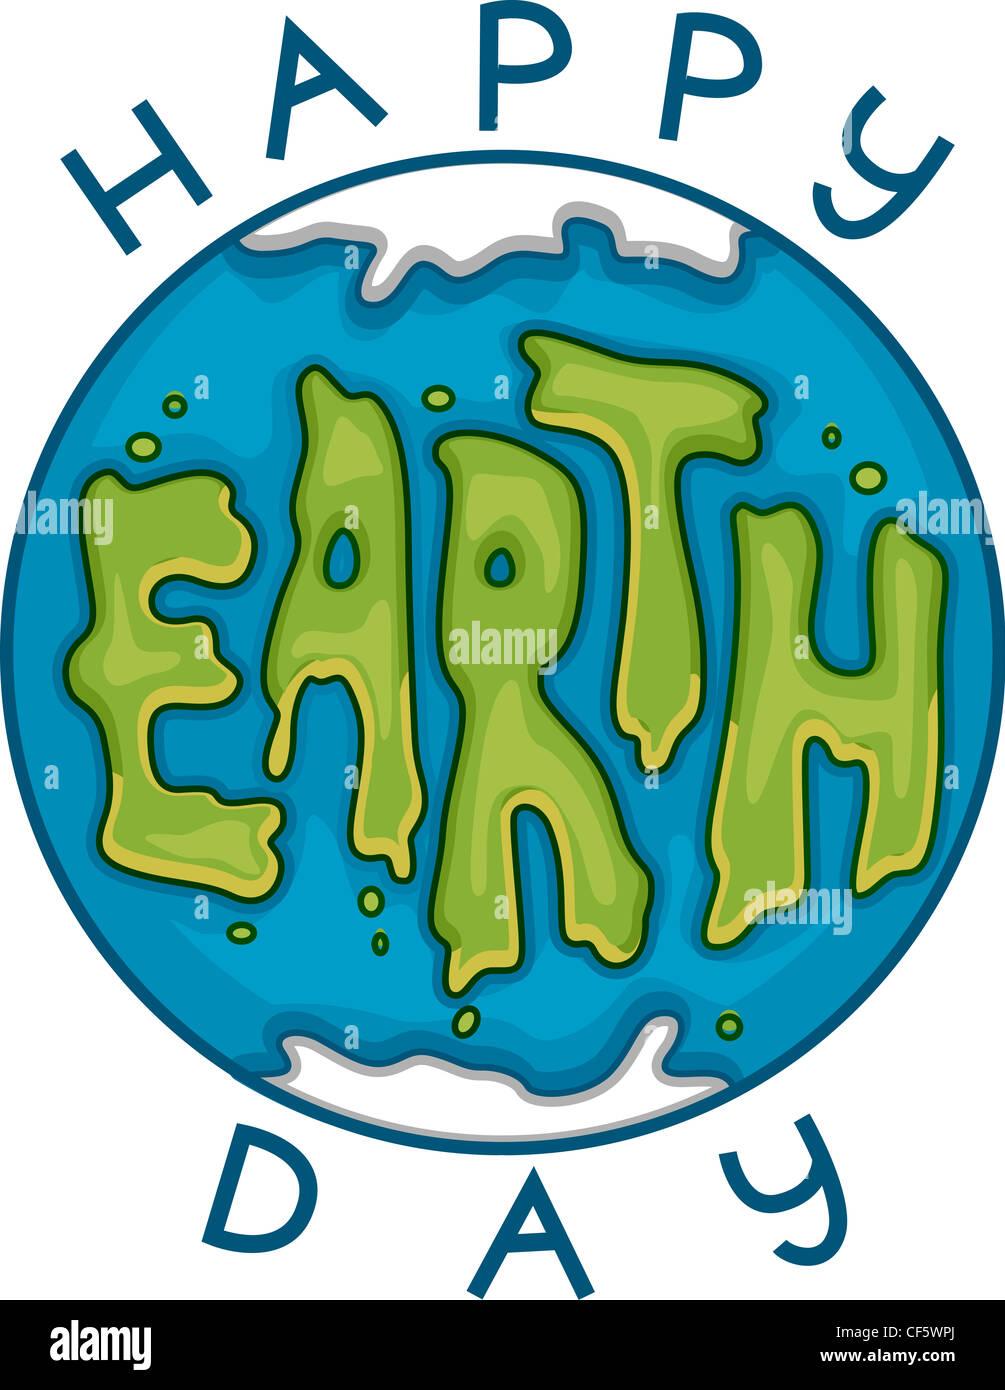 Illustrazione per celebrare la Giornata della Terra Immagini Stock